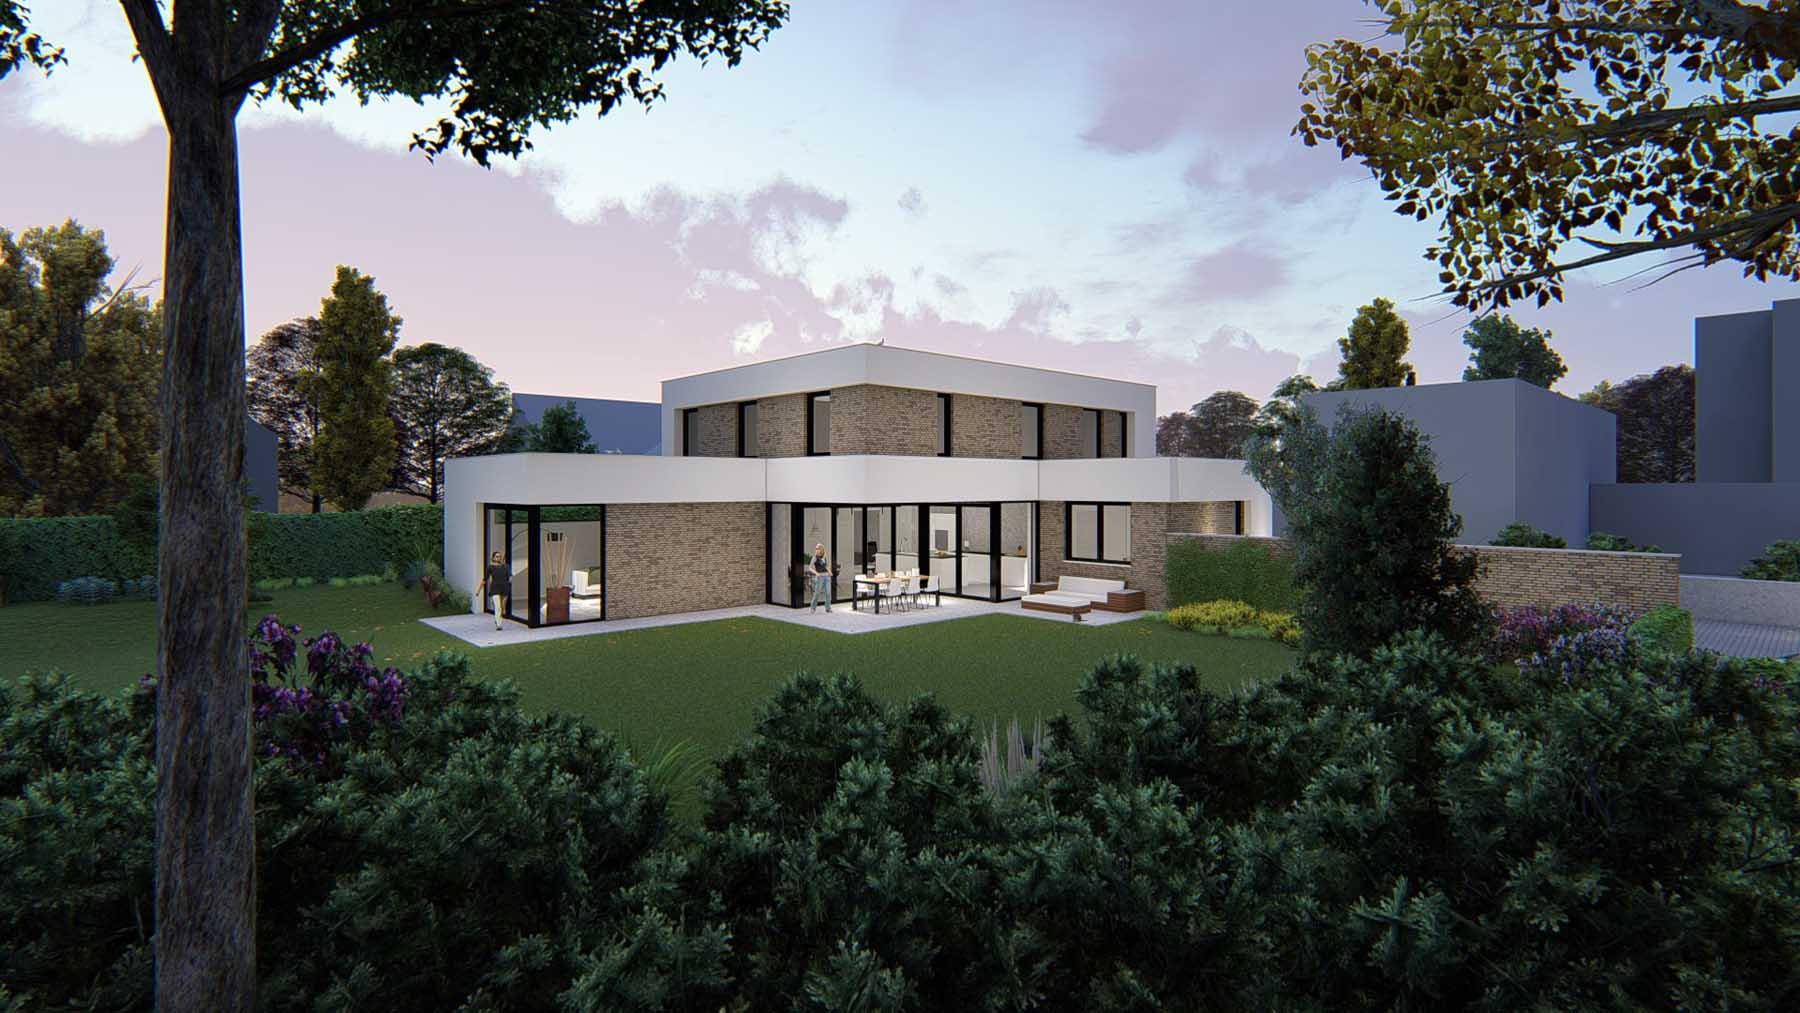 Architect Woning